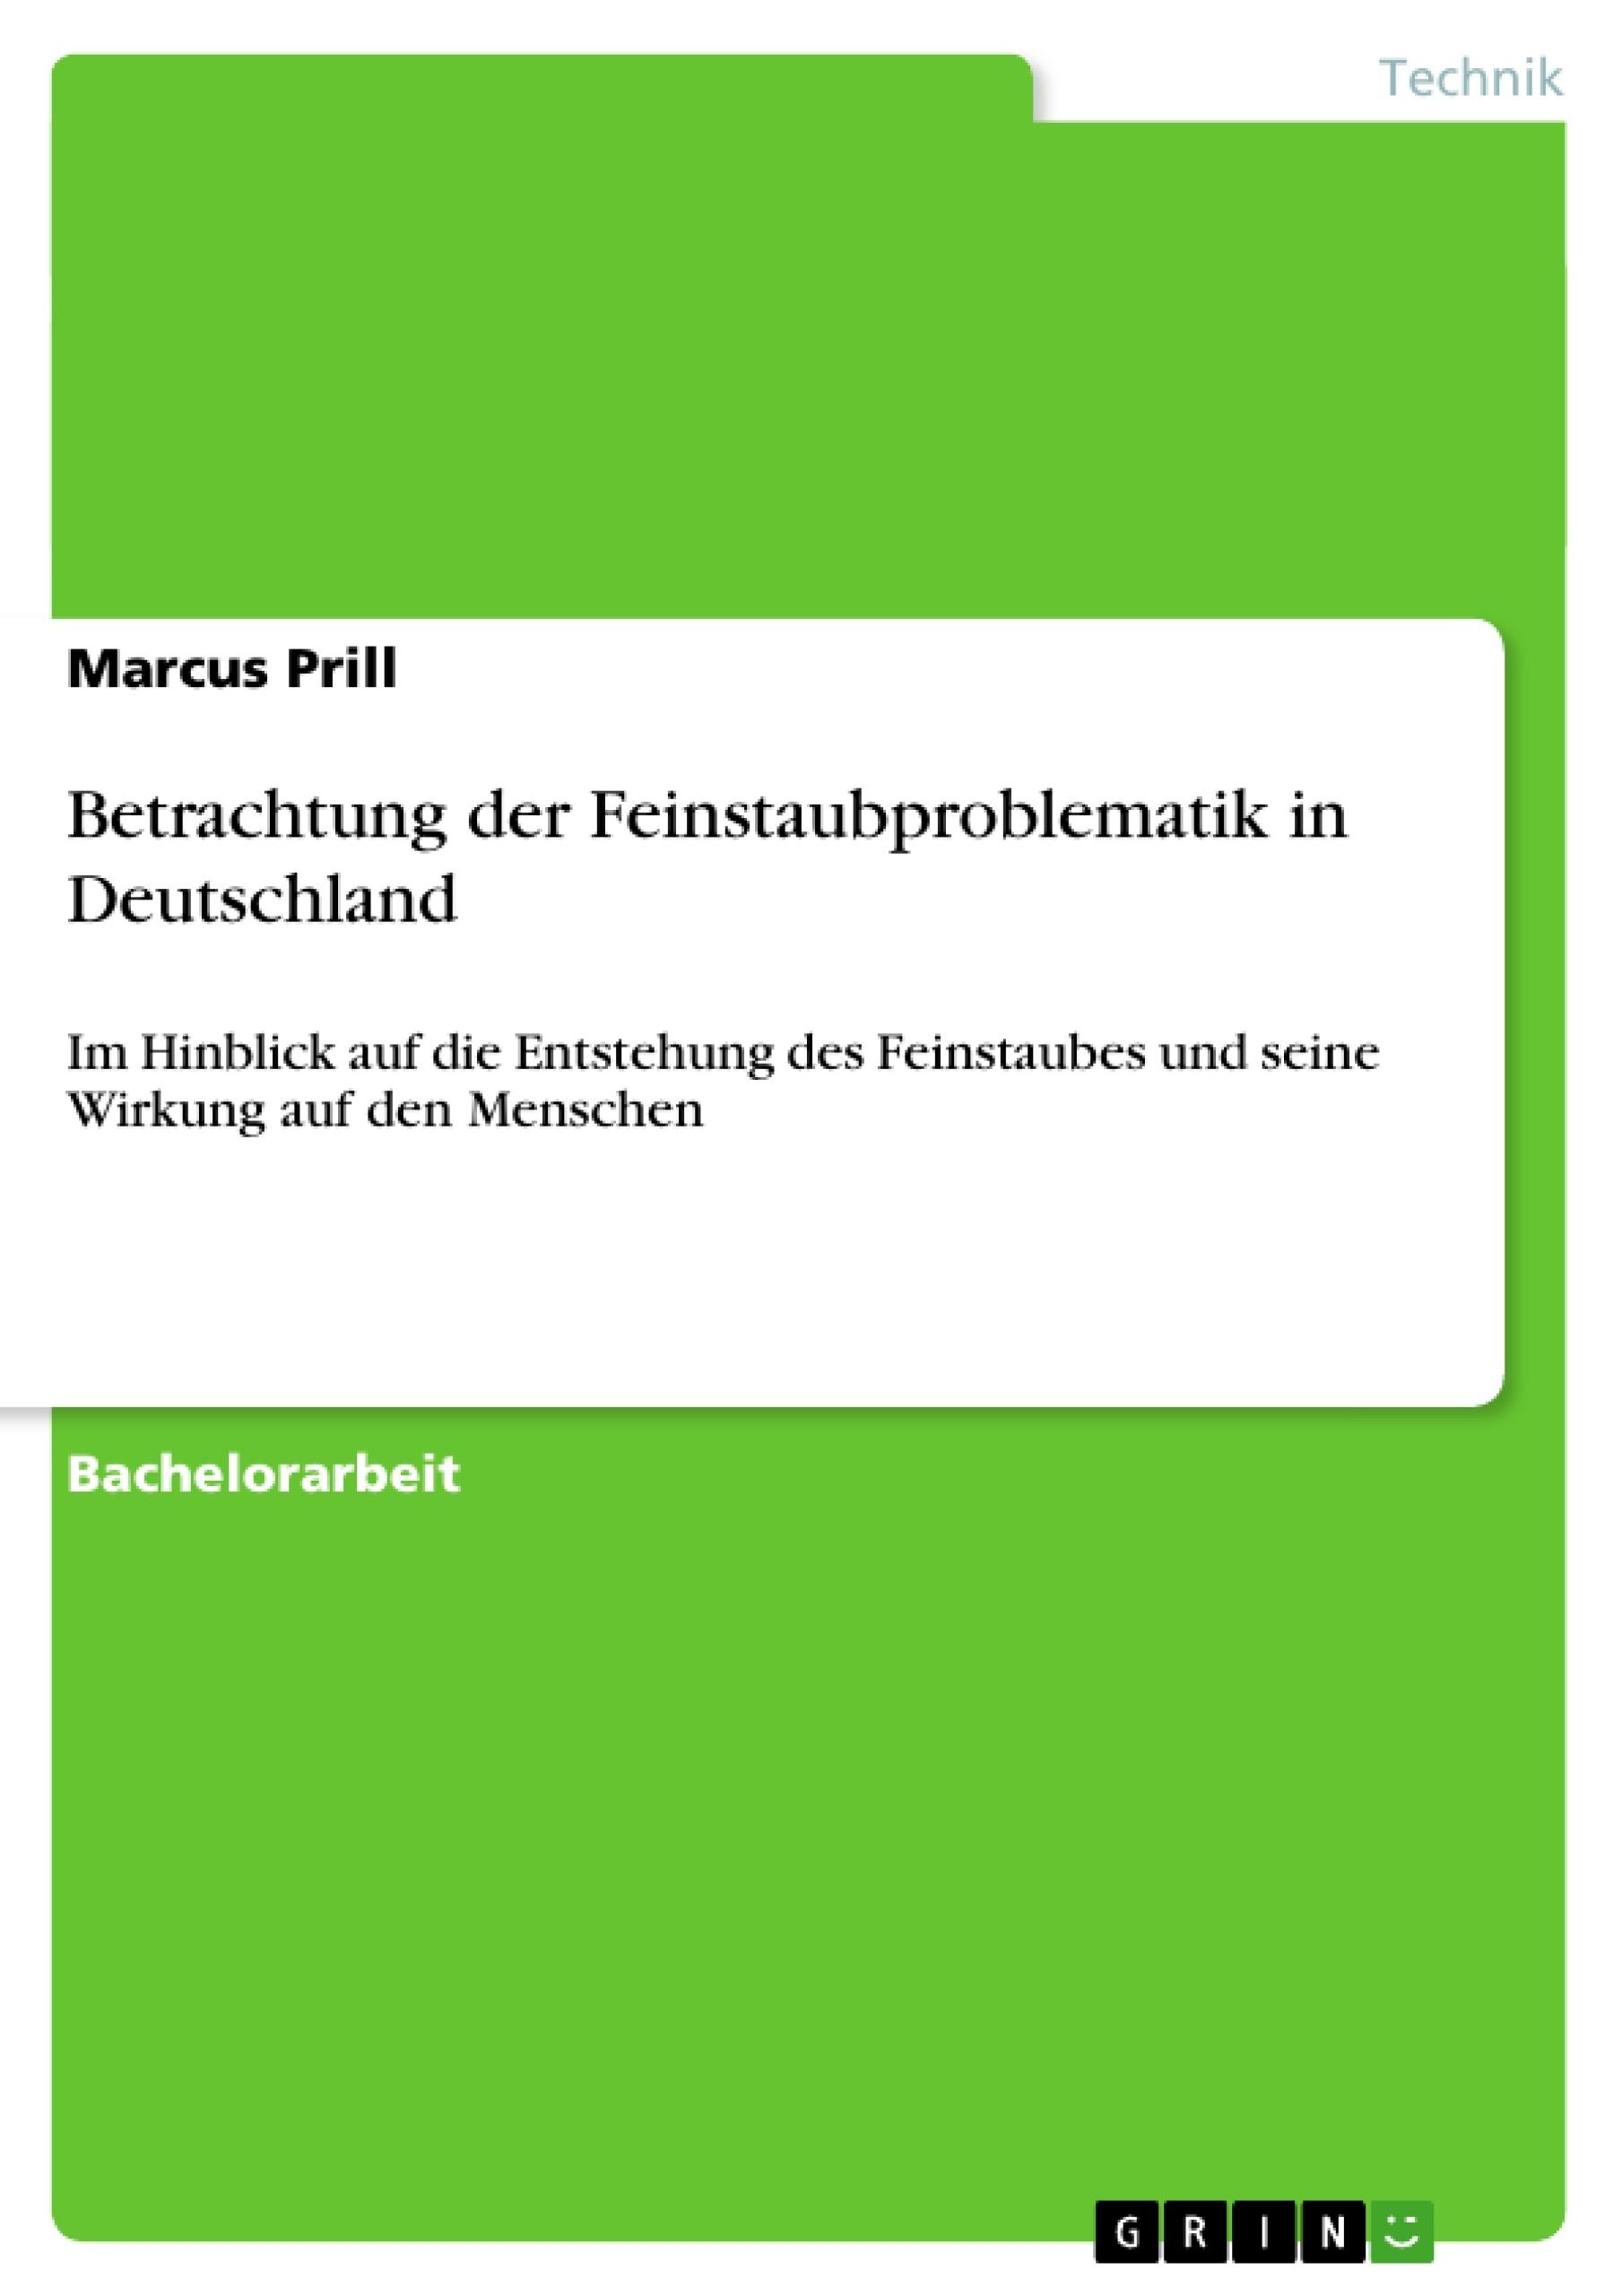 Titel: Betrachtung der Feinstaubproblematik in Deutschland